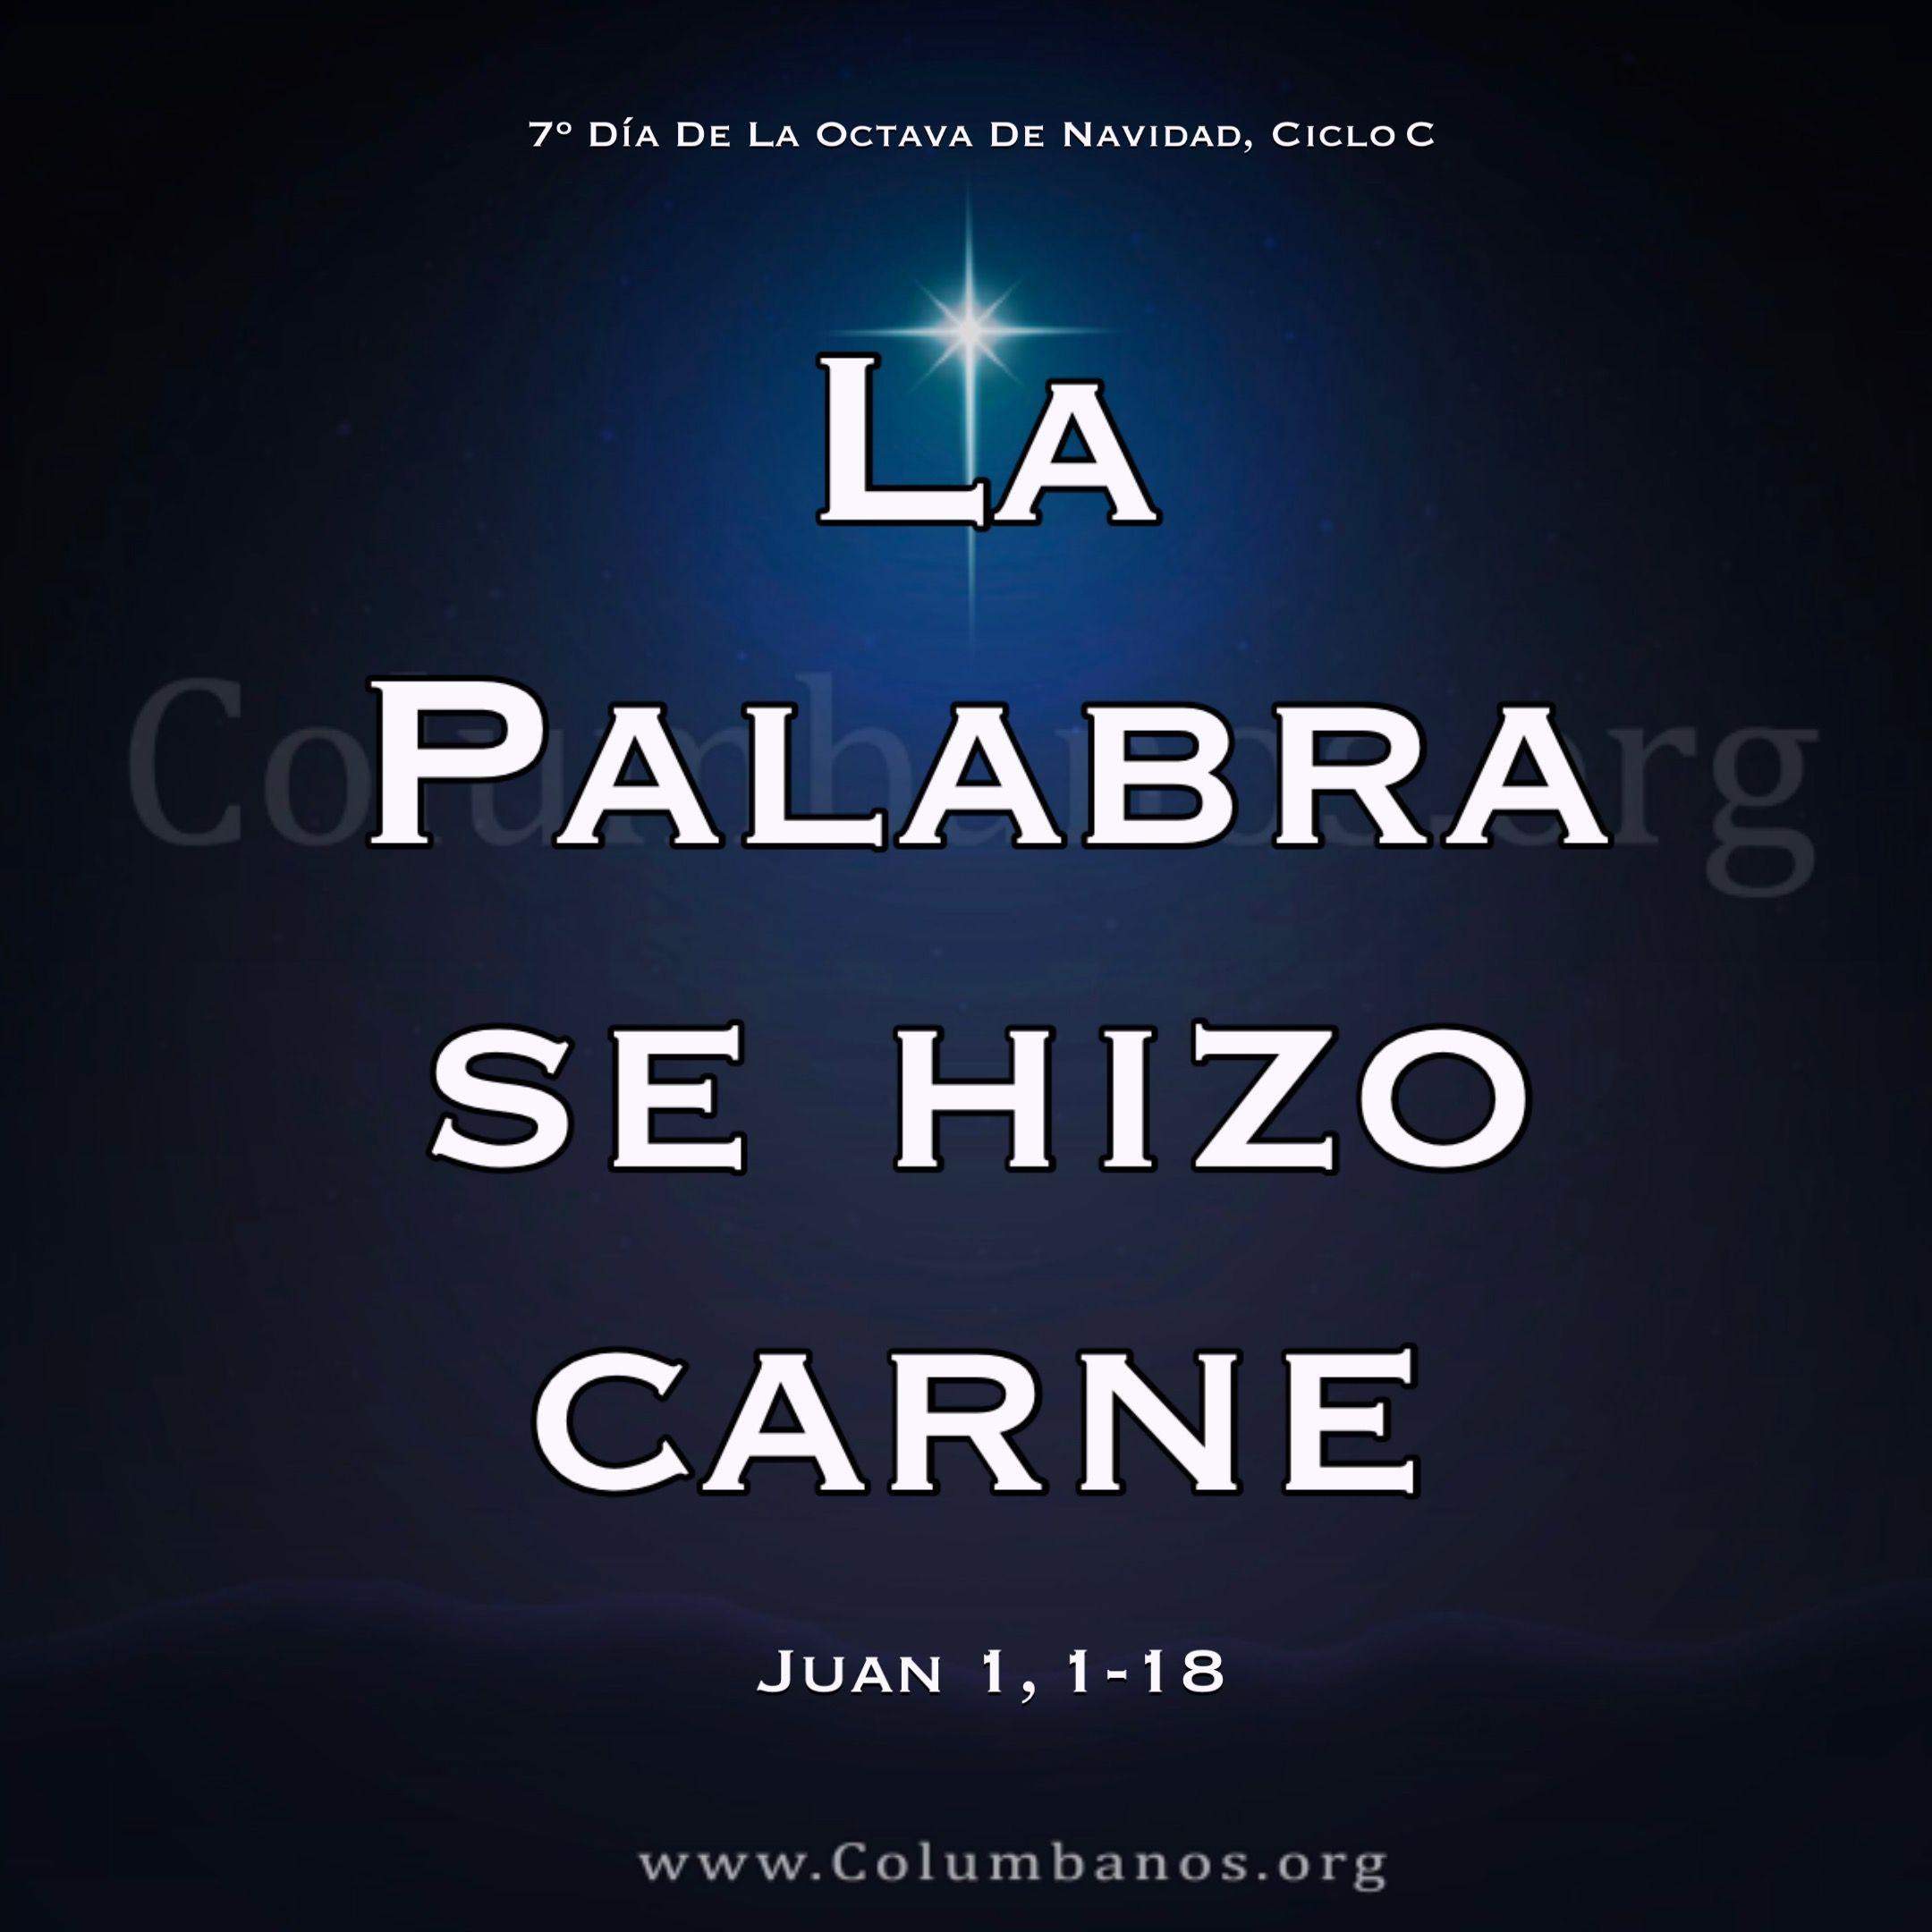 Evangeliodeldia Catolico Columbanos 7º Día De La Octava De Navidad Ciclo C Juan 1 1 18 En El Principio Ya Exis Evangelio Del Dia Amor Perdon Evangelio